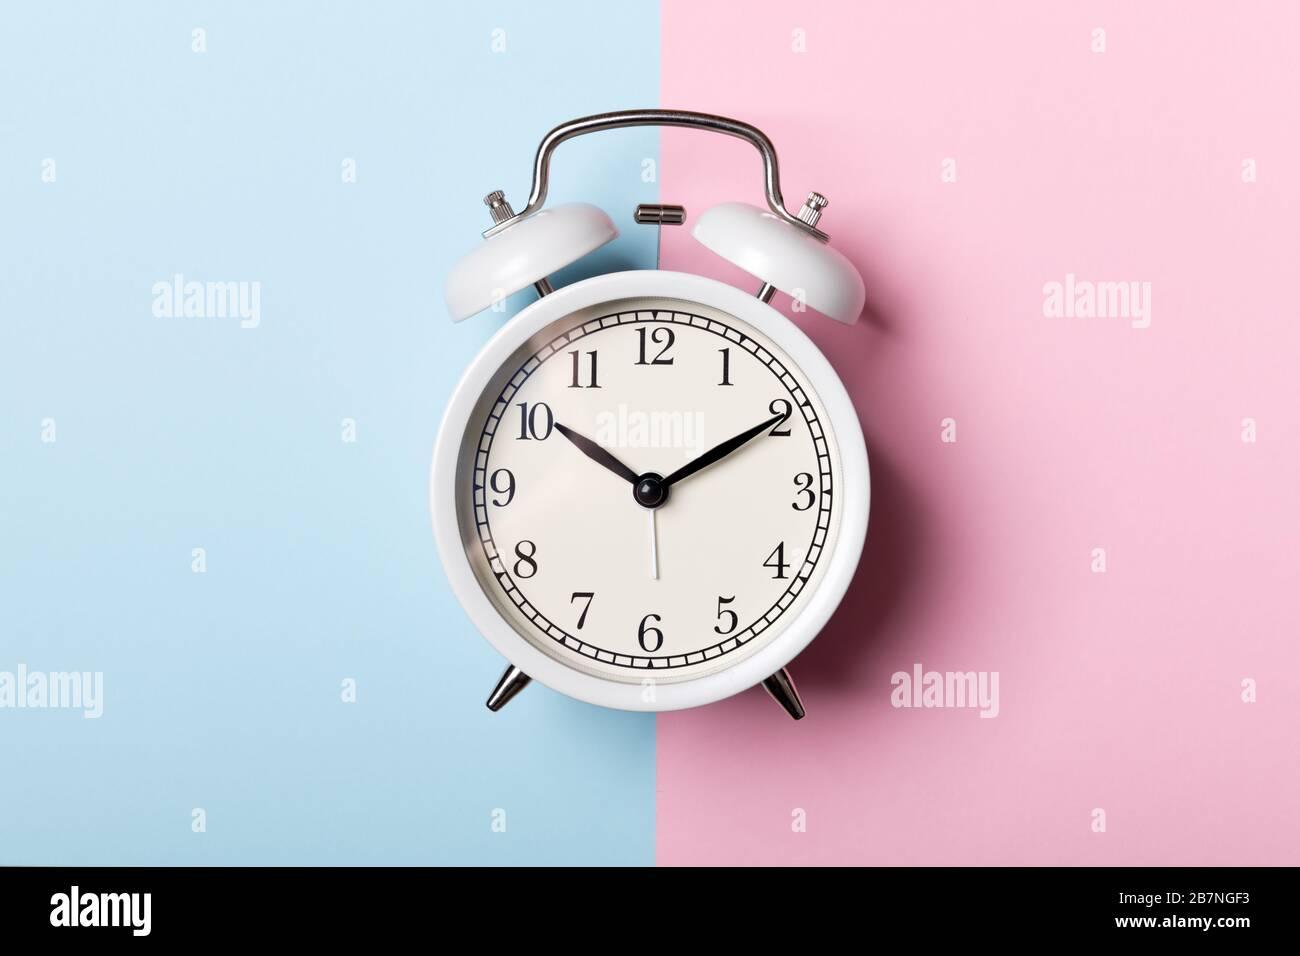 Sveglia vintage bianca su sfondo blu e rosa. Concetto di tempo Foto Stock